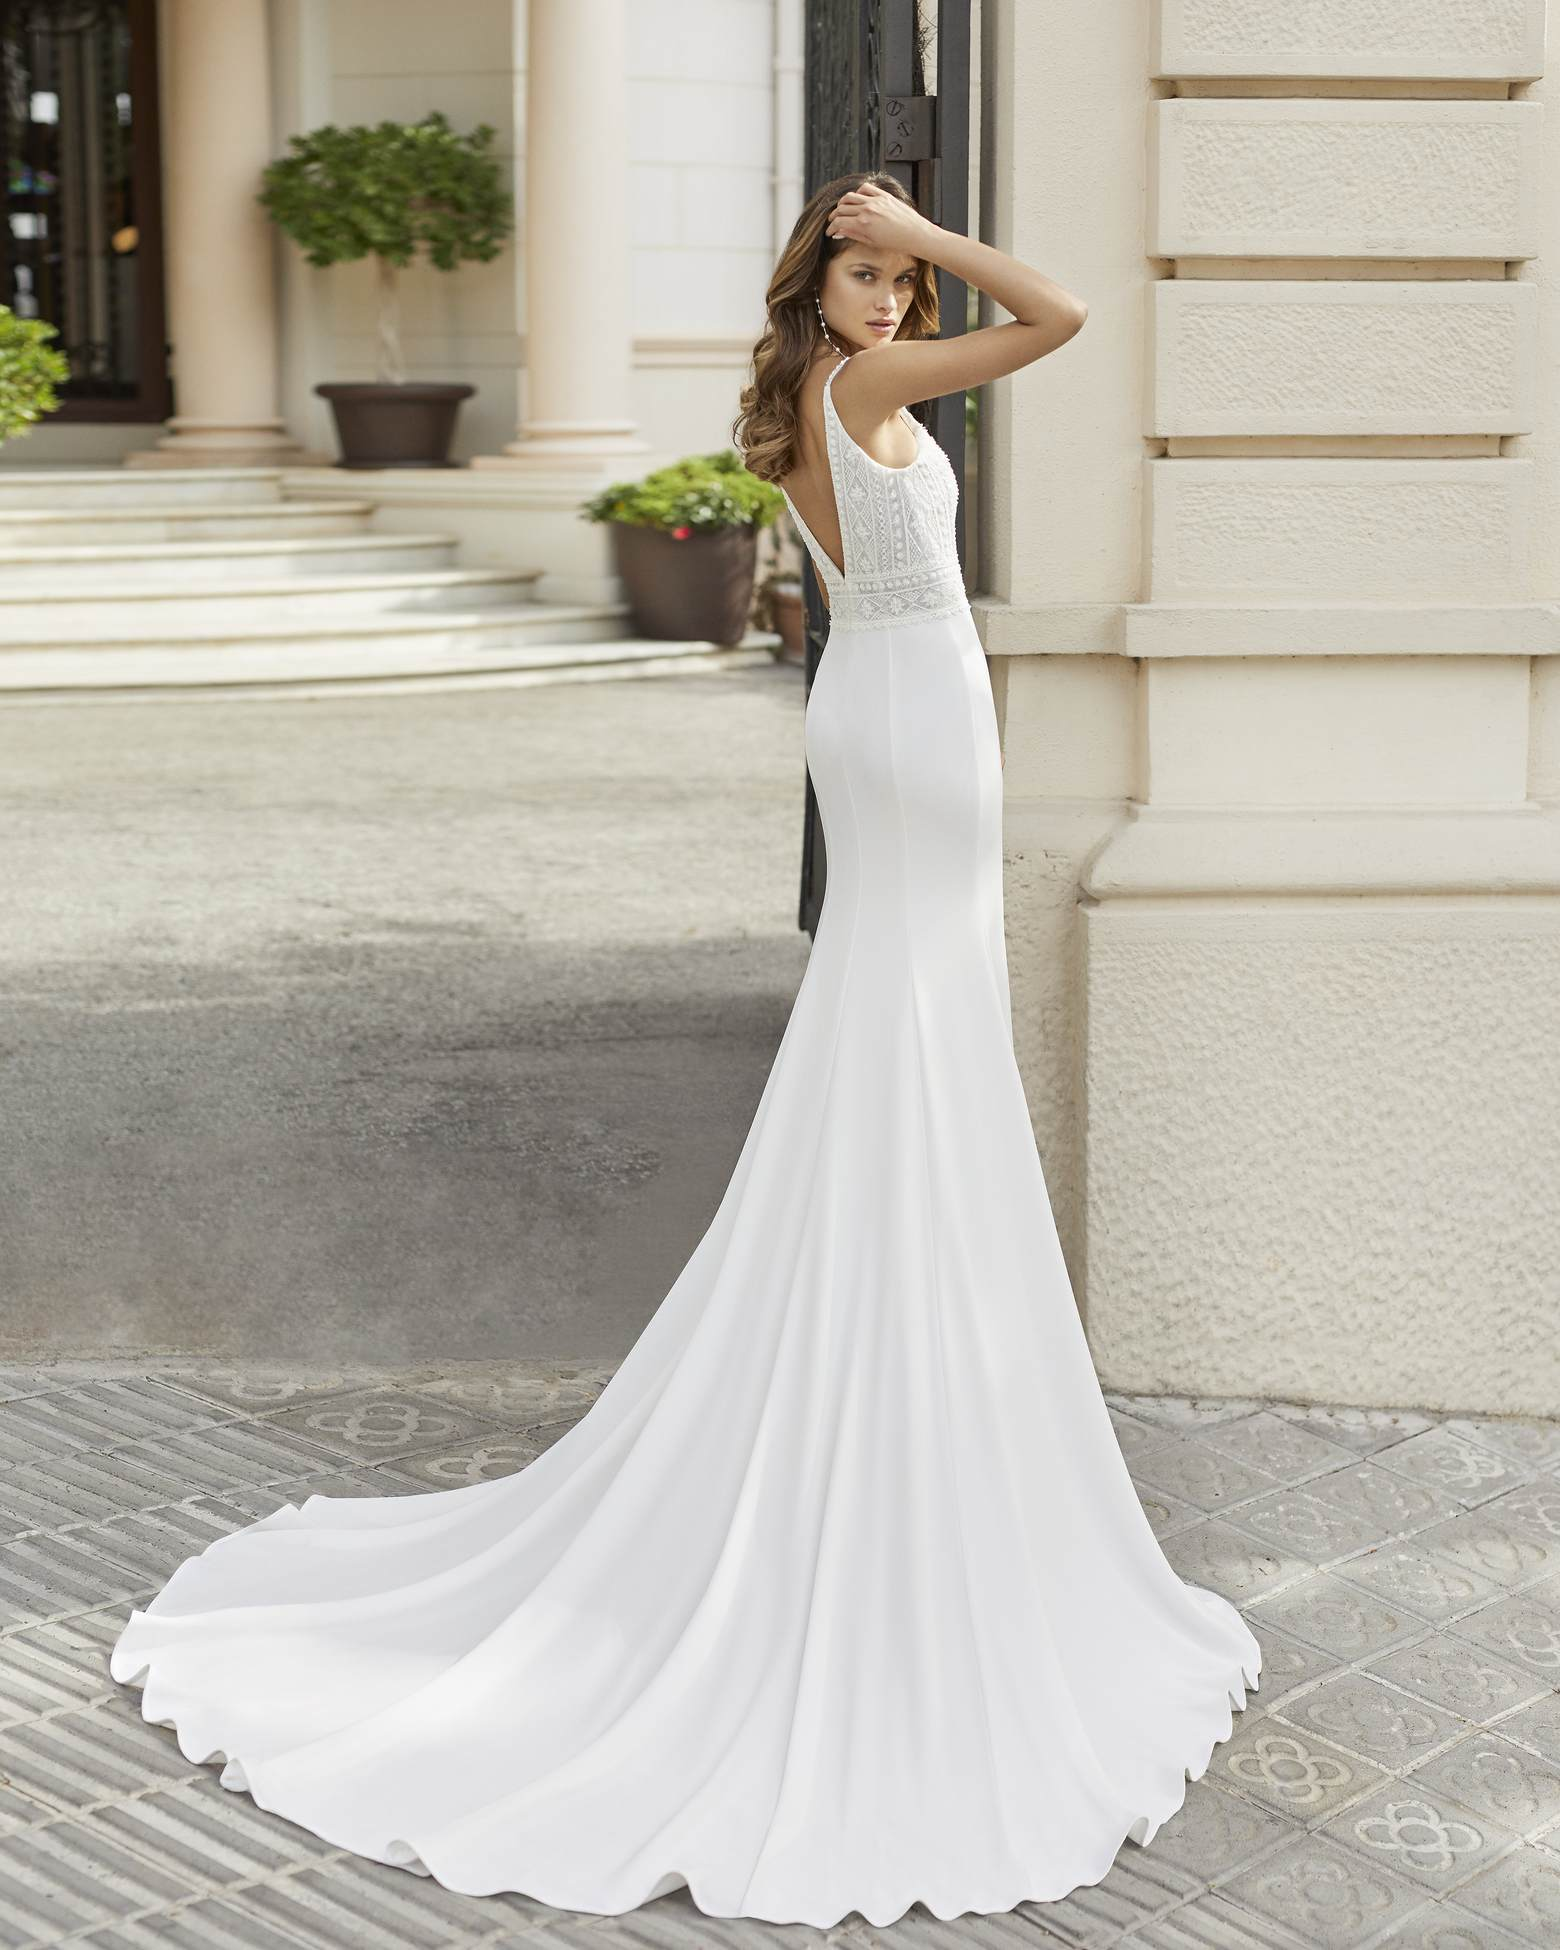 Tango esküvői ruha - Rosa Clará 2021